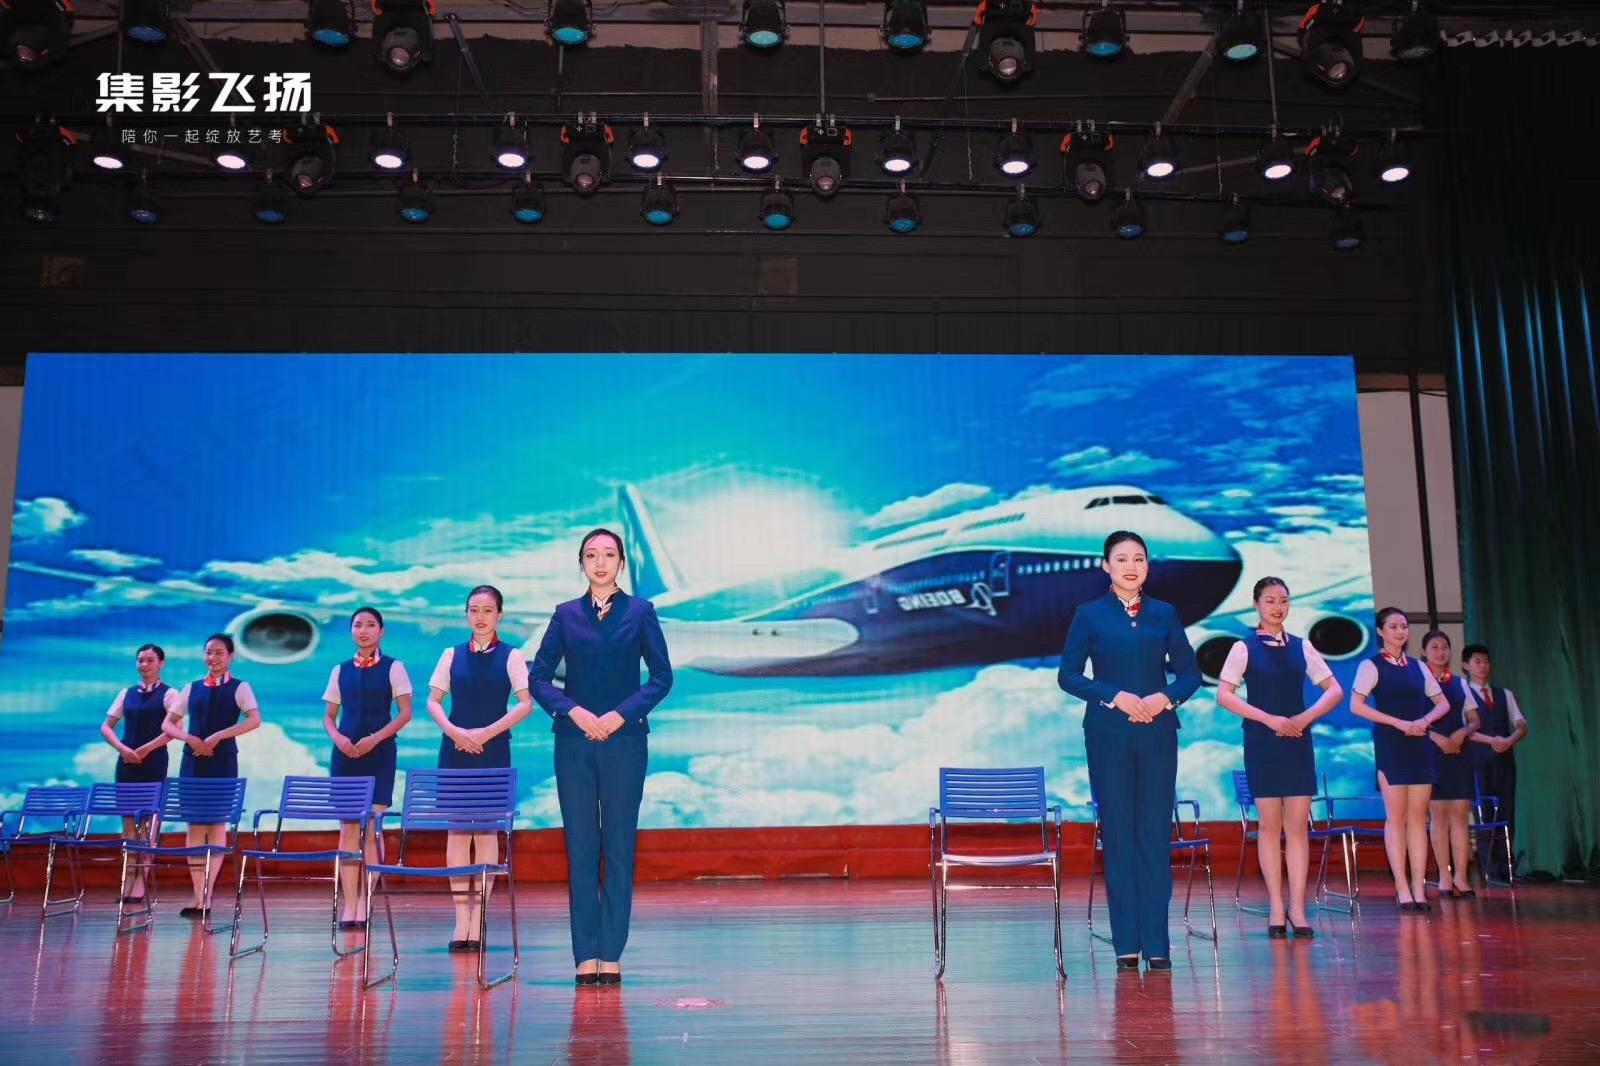 上海民航职业技术学院:空乘专业介绍